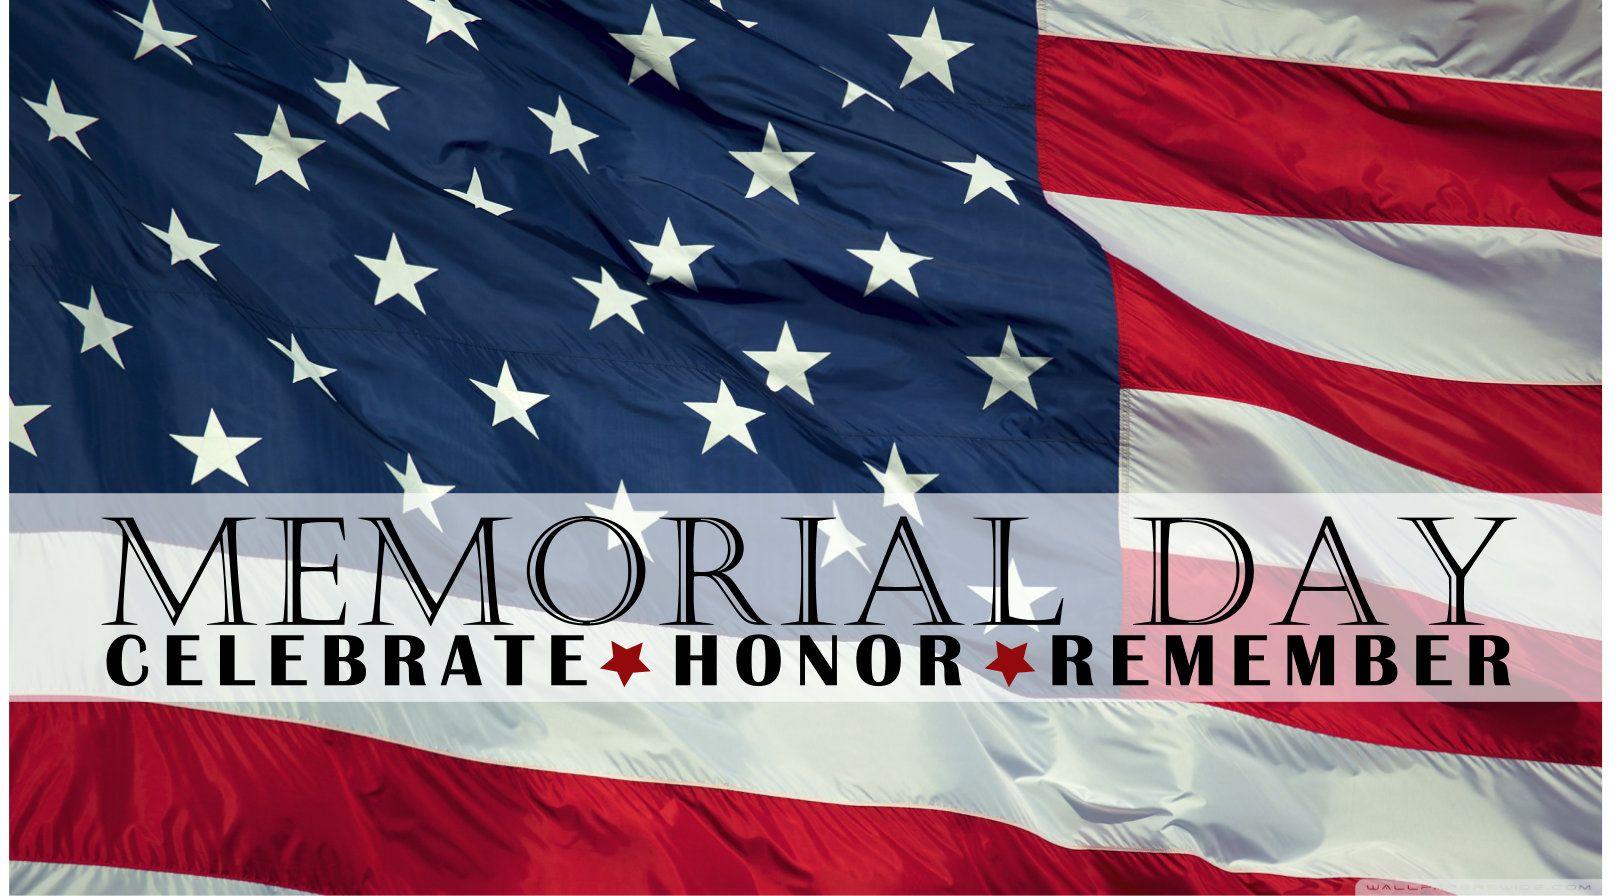 55] Memorial Day Desktop Wallpaper on WallpaperSafari 1619x896